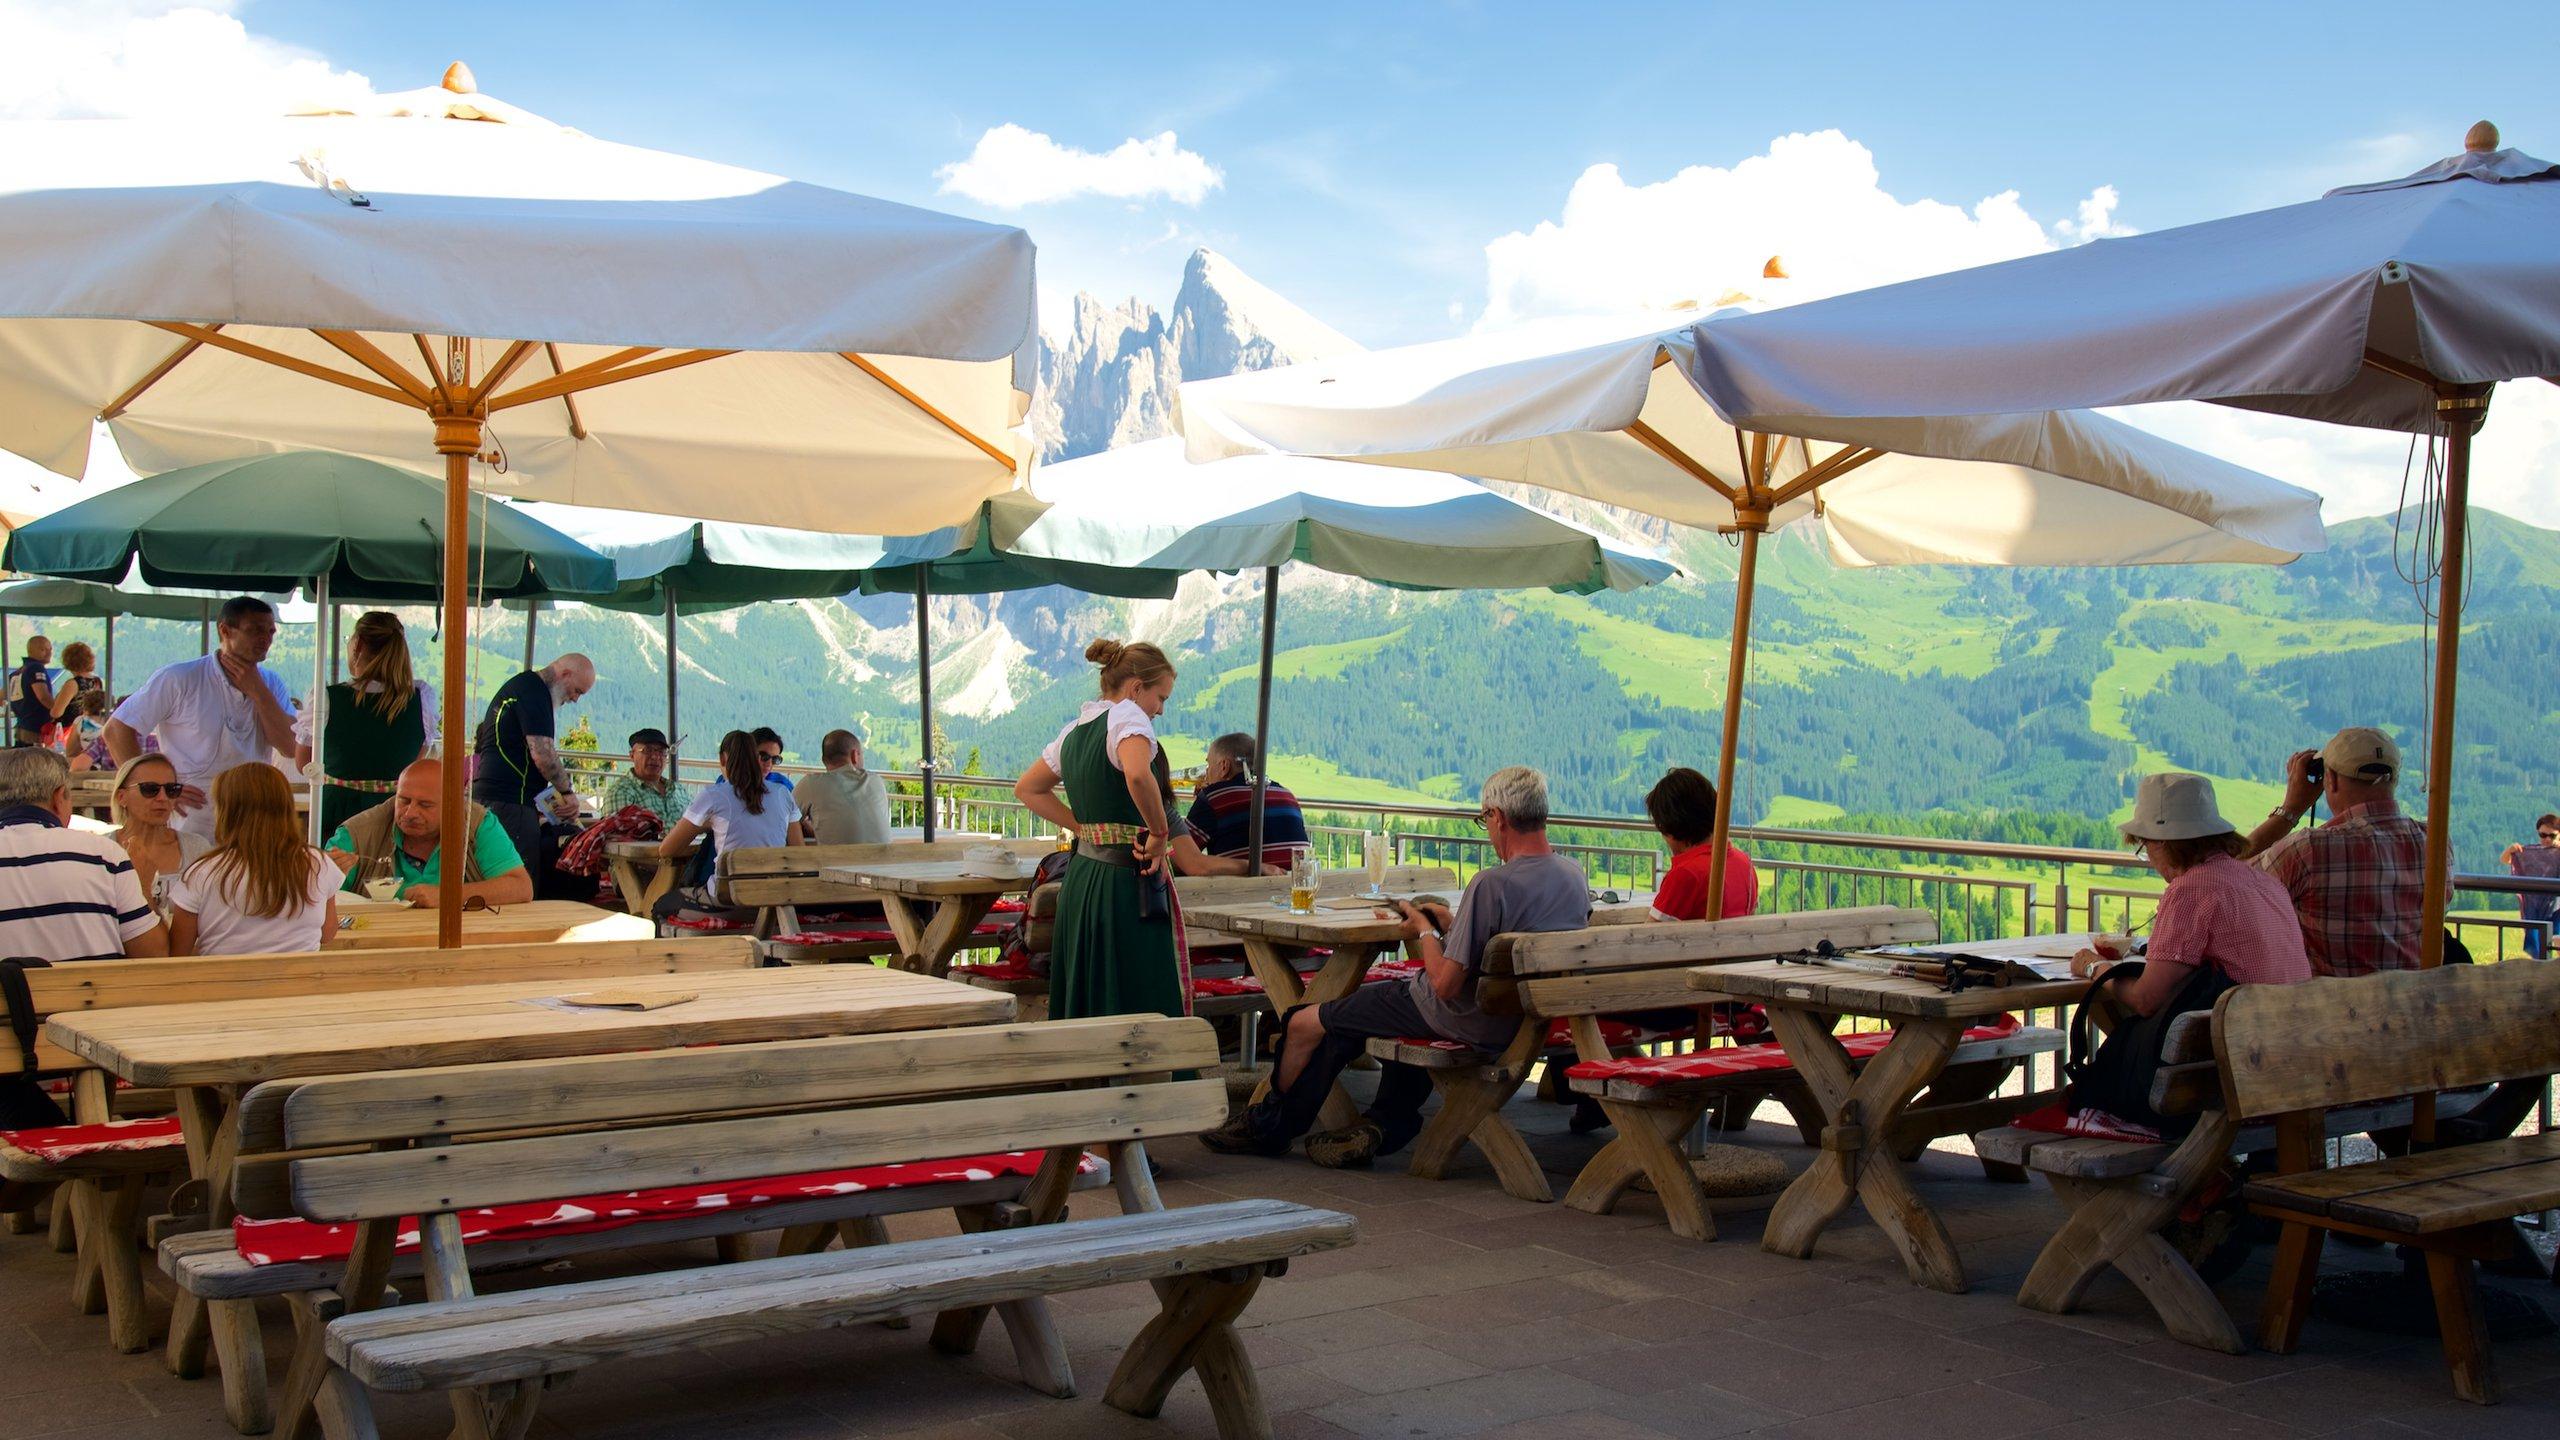 Fiè allo Sciliar, Trentino Alto Adige, Italia